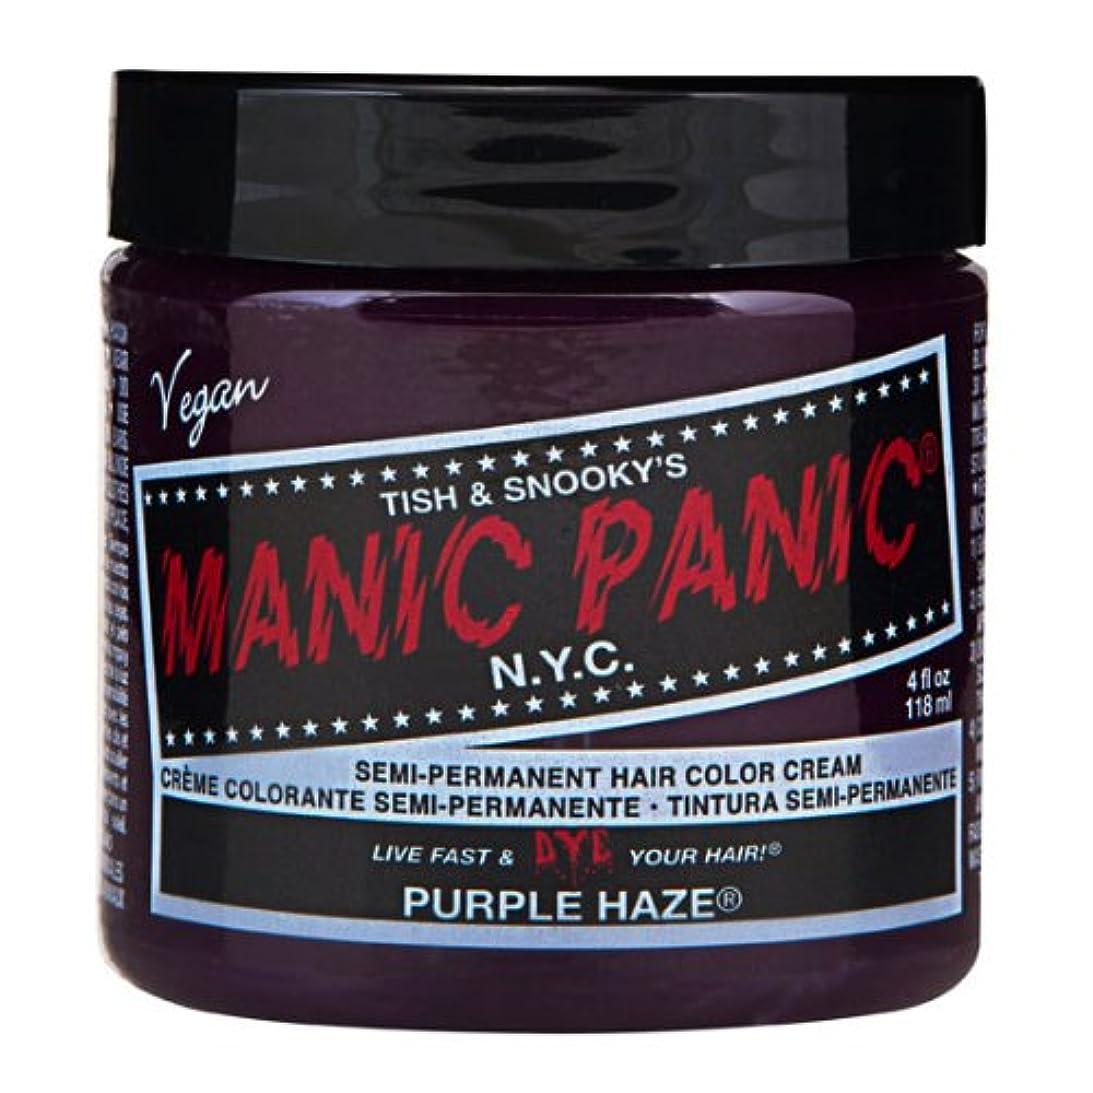 スペシャルセットMANIC PANICマニックパニック:Purple Haze (パープル?ヘイズ)+ヘアカラーケア4点セット